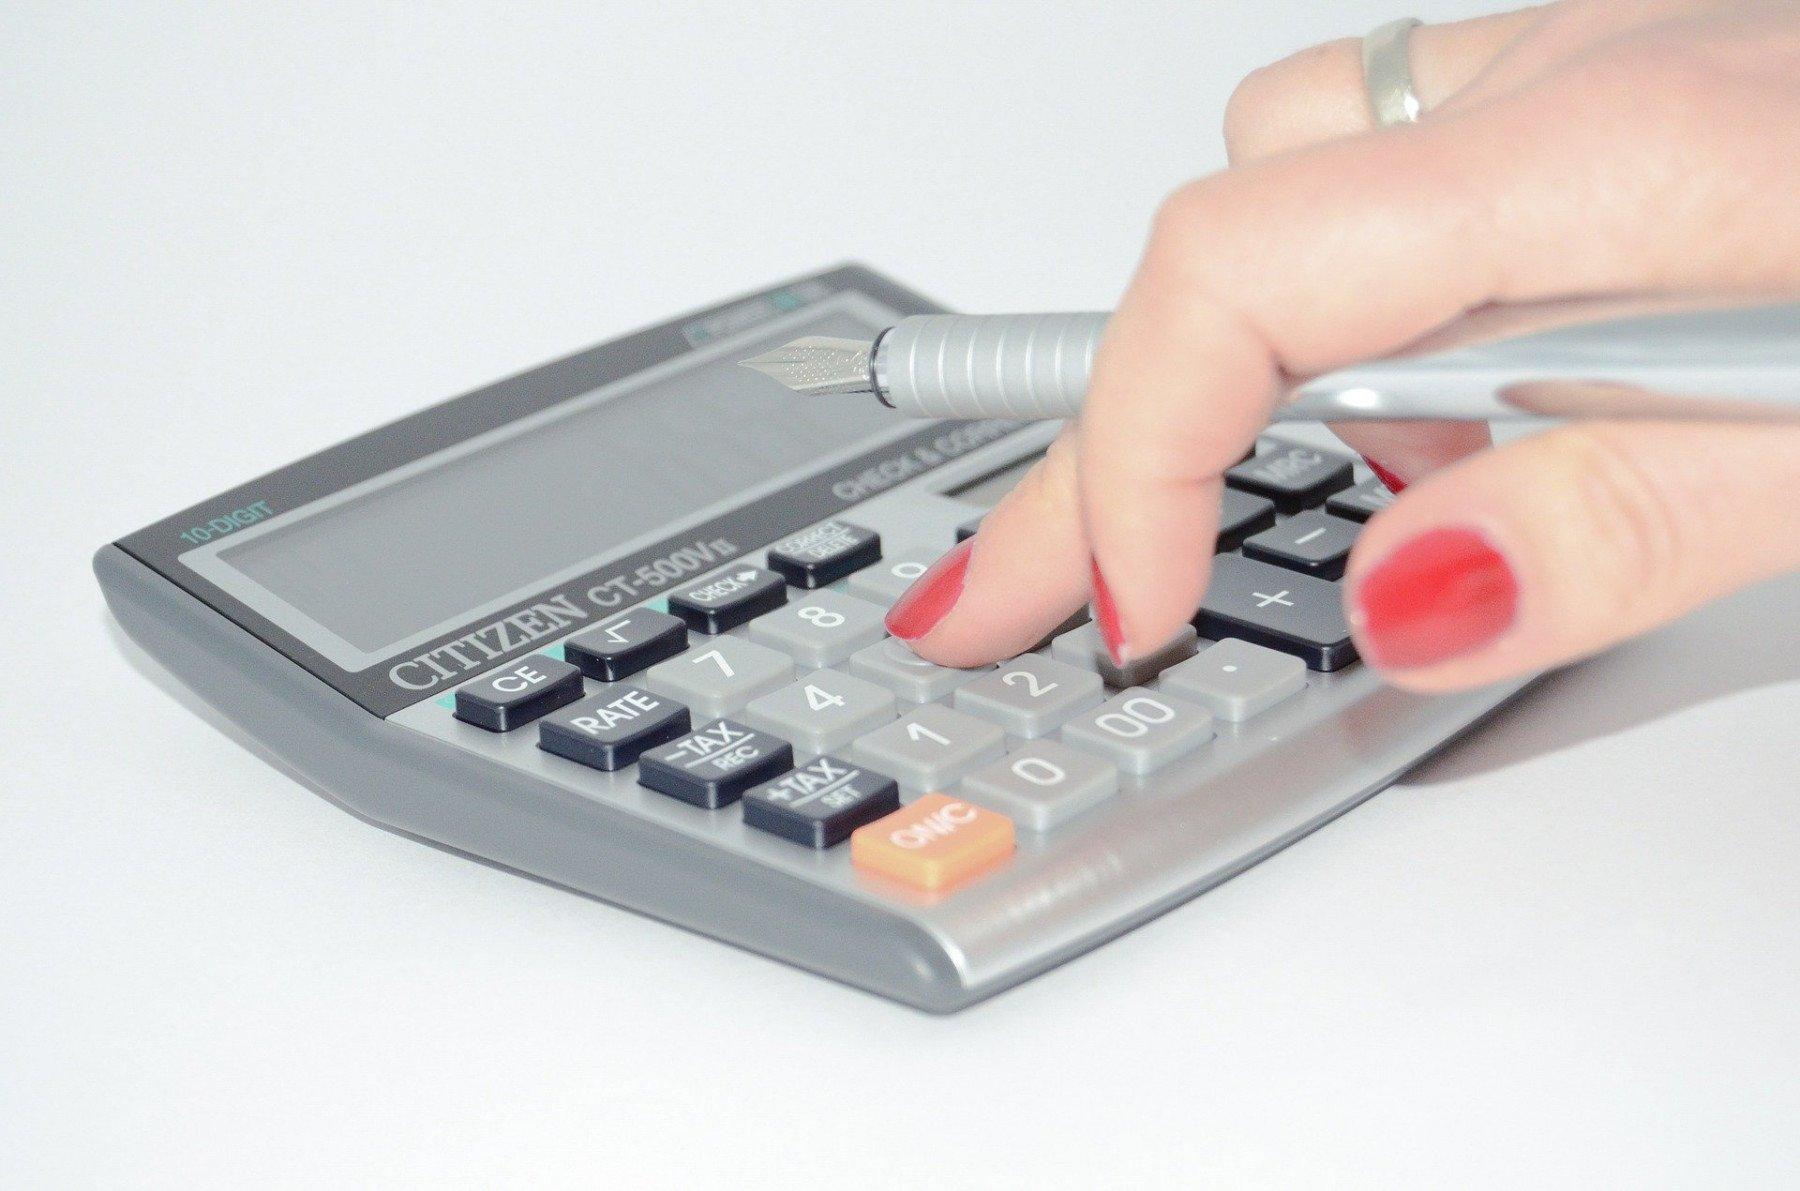 En hand som knappar på en miniräknare